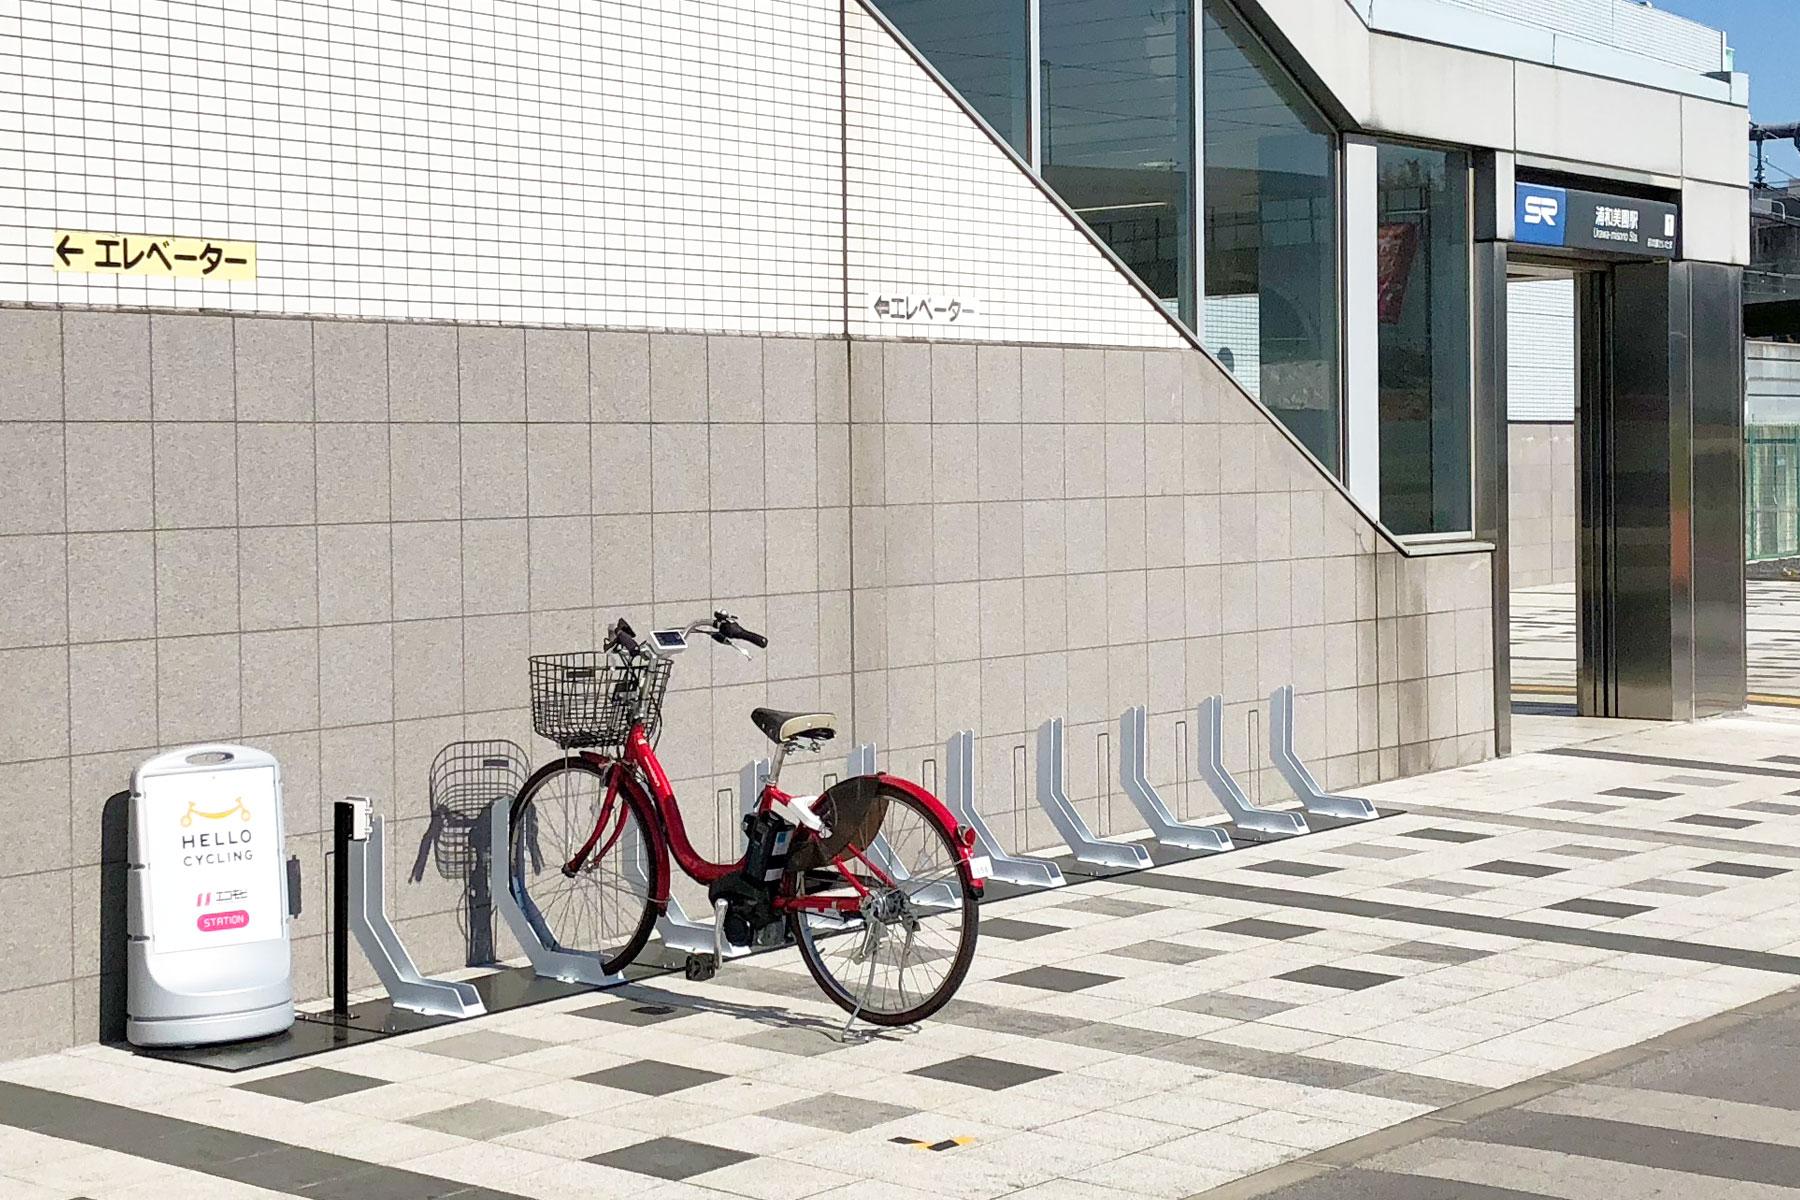 浦和美園駅西口 (HELLO CYCLING ポート) image